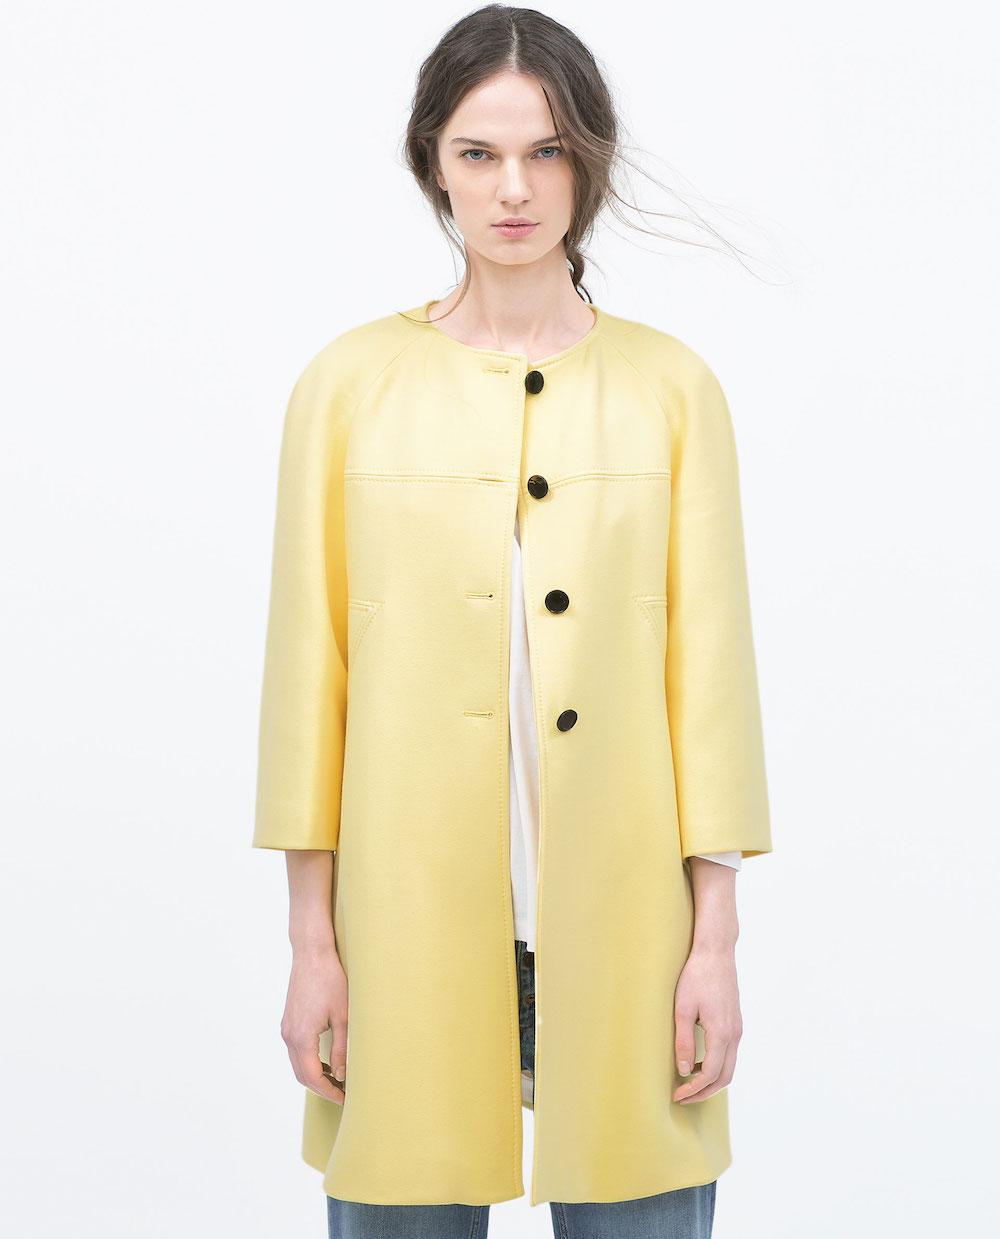 Zara - Veste(90 €)